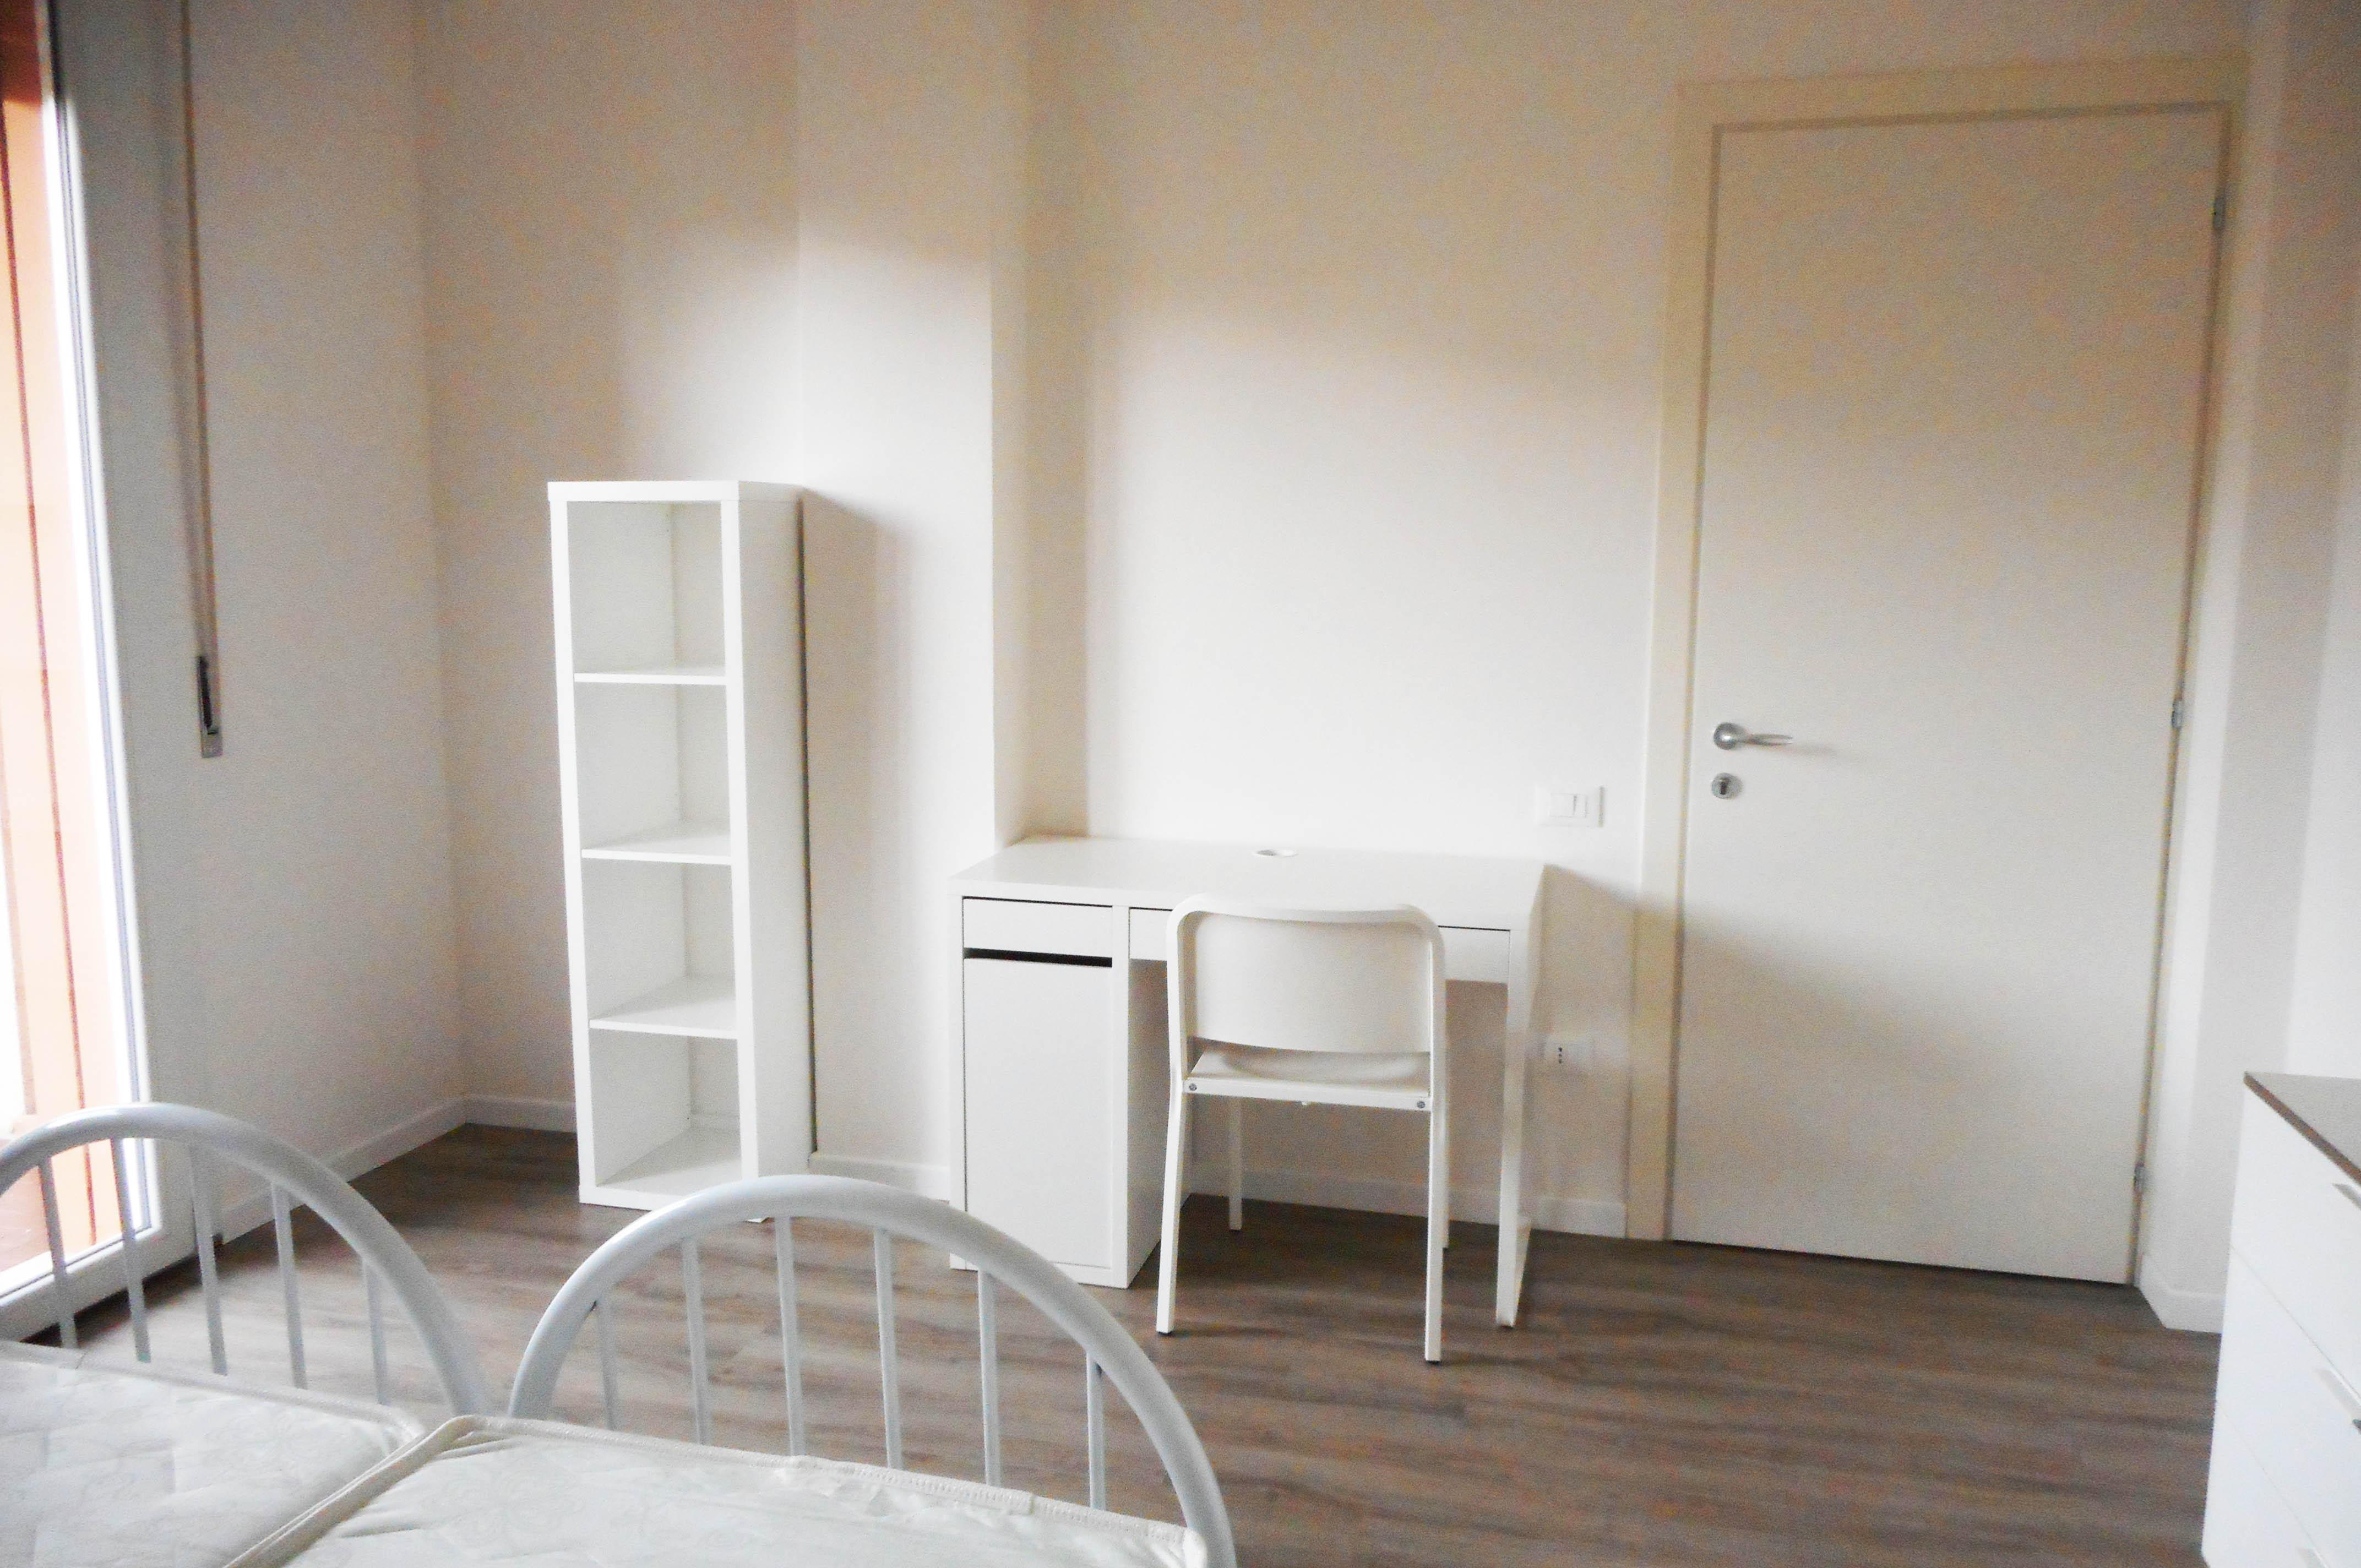 Camere-in-Affitto-Treviso-Villorba-Studio-Architettura-Zanatta-81